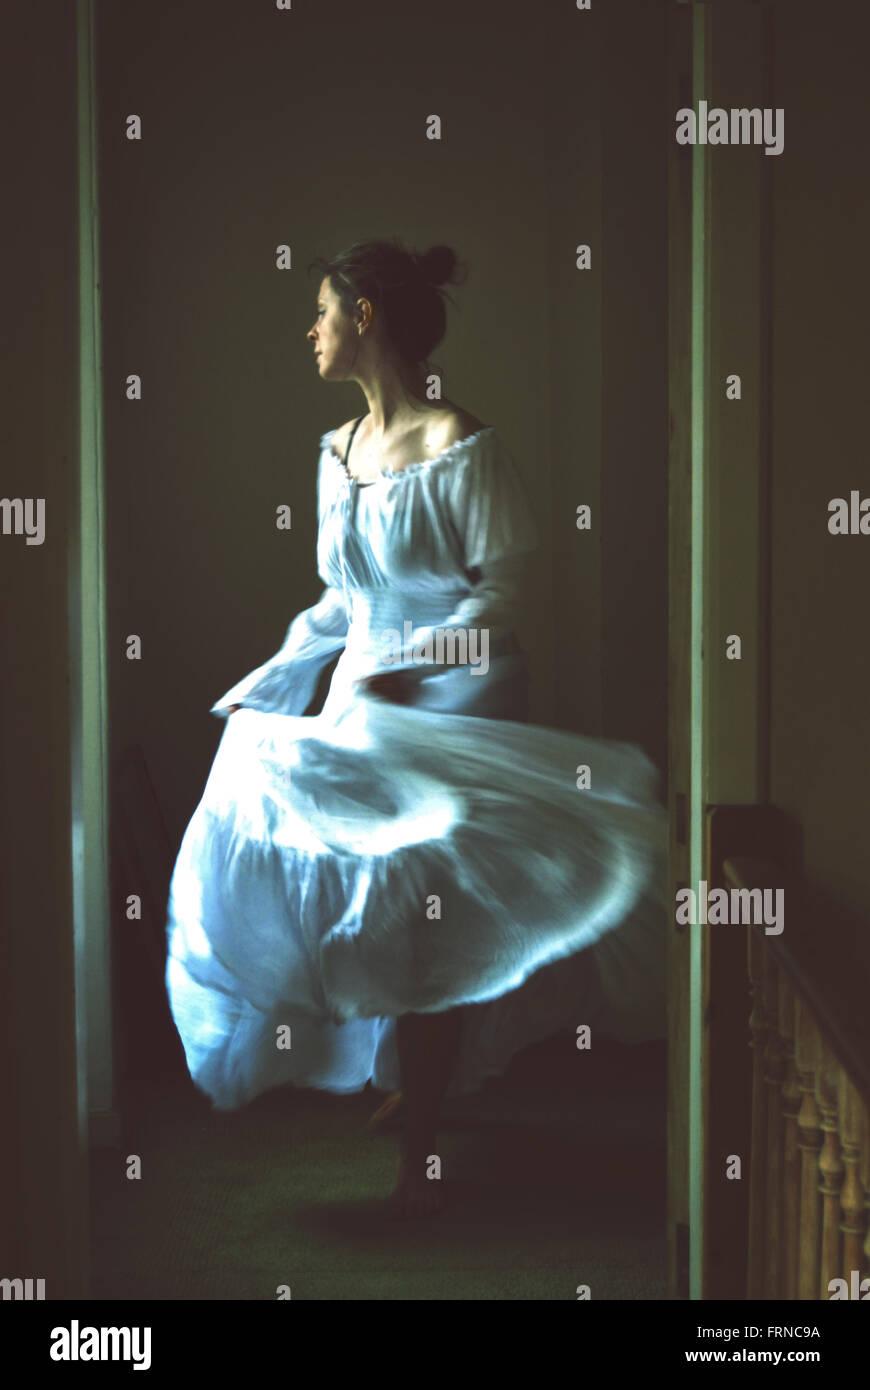 junge Frau in einem alten Haus trägt weiße lange romantisches Kleid tanzen Stockbild